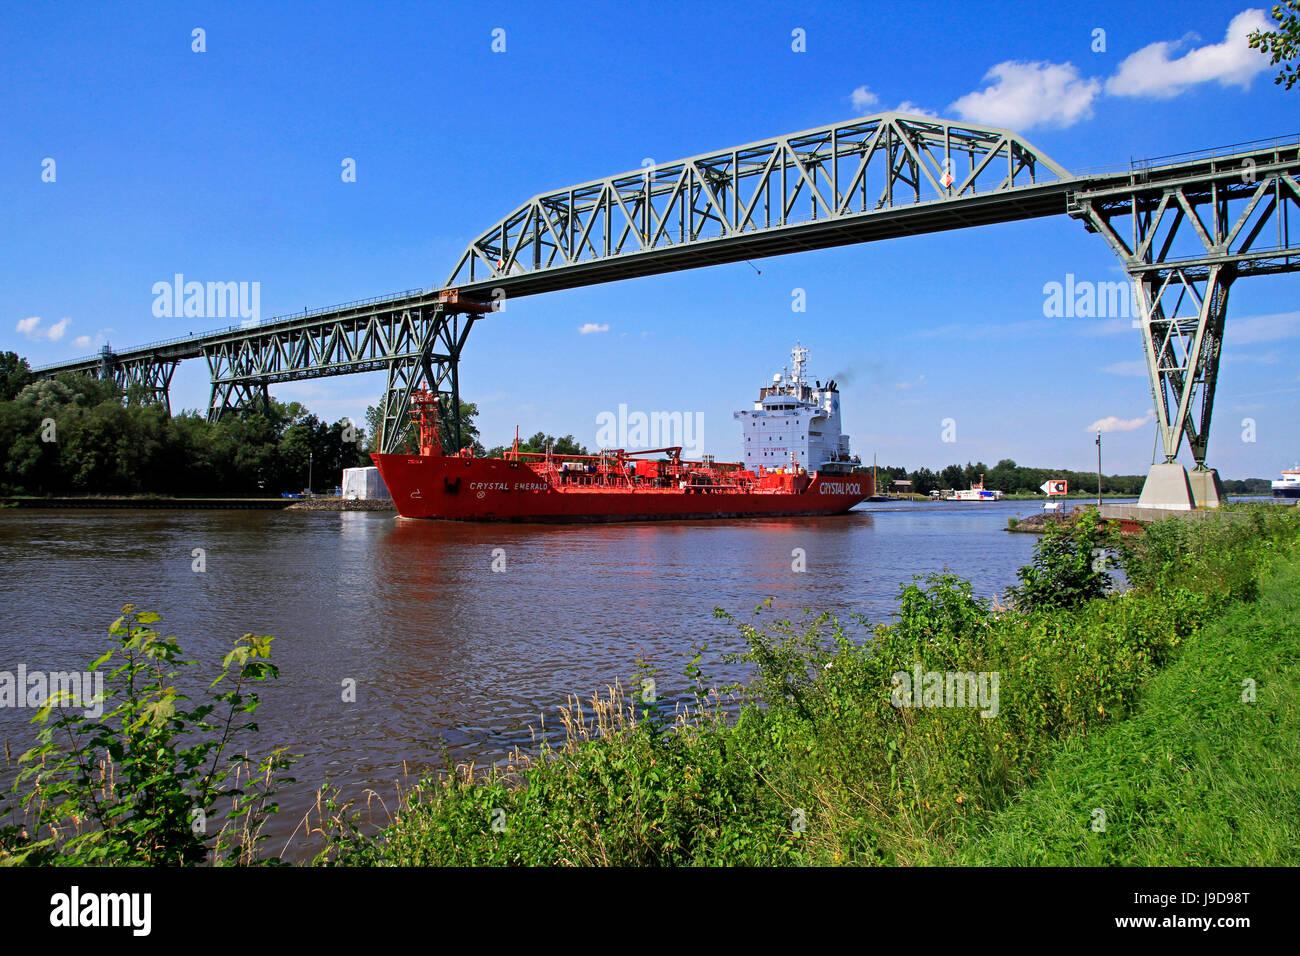 Ship on Kiel Canal going under the Railway Bridge of Hochdonn, Dithmarschen, Schleswig-Holstein, Germany, Europe - Stock Image